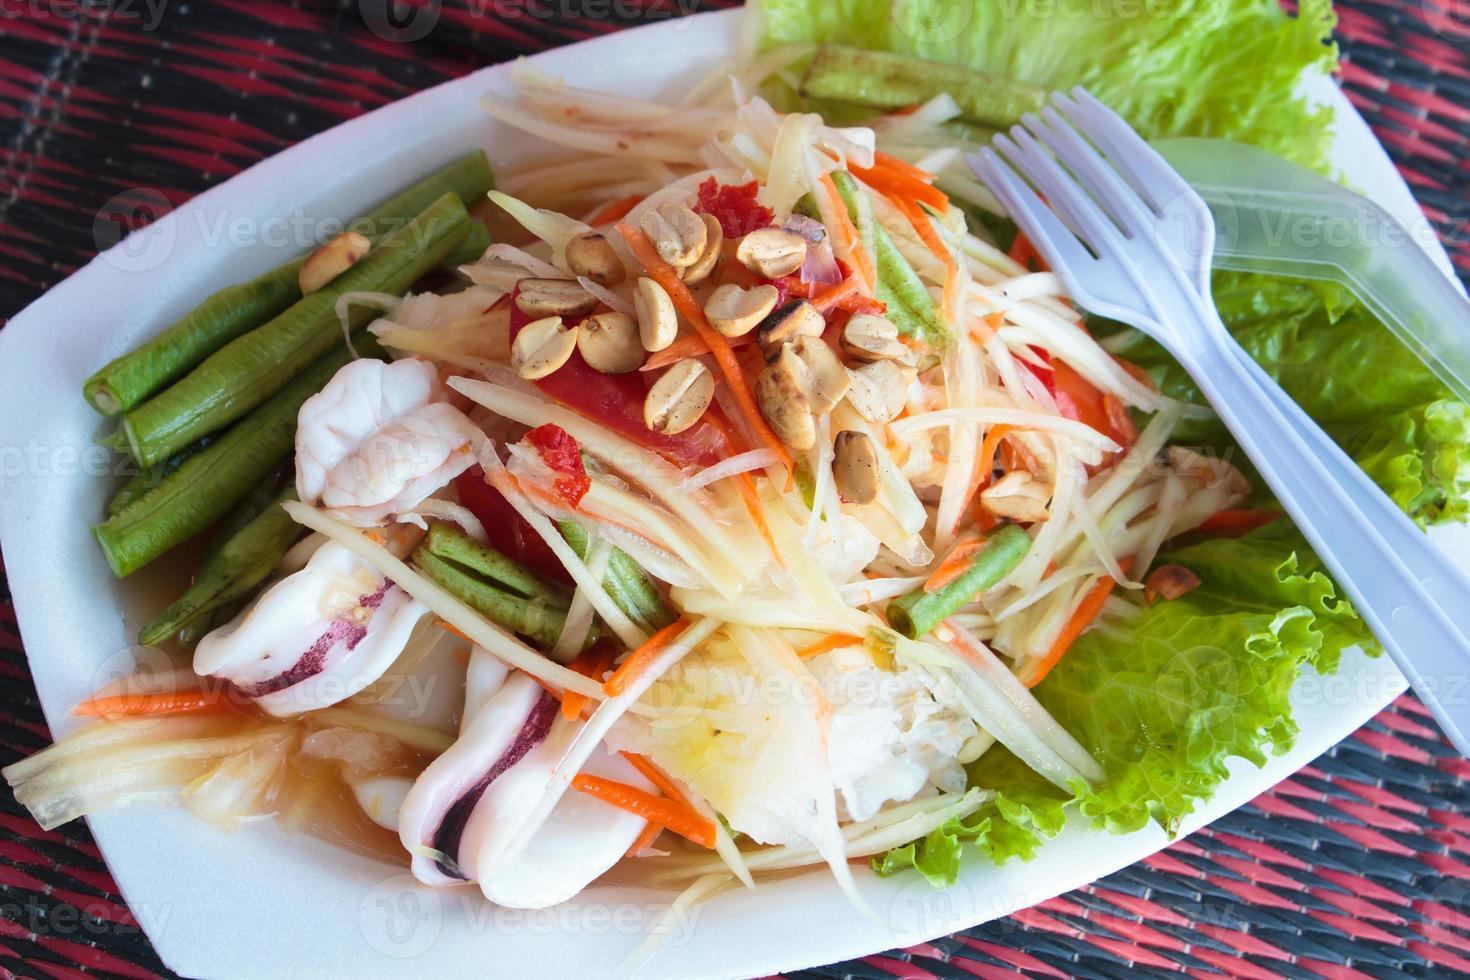 Papayasalat Meeresfrüchte, thailändisches Essen. foto